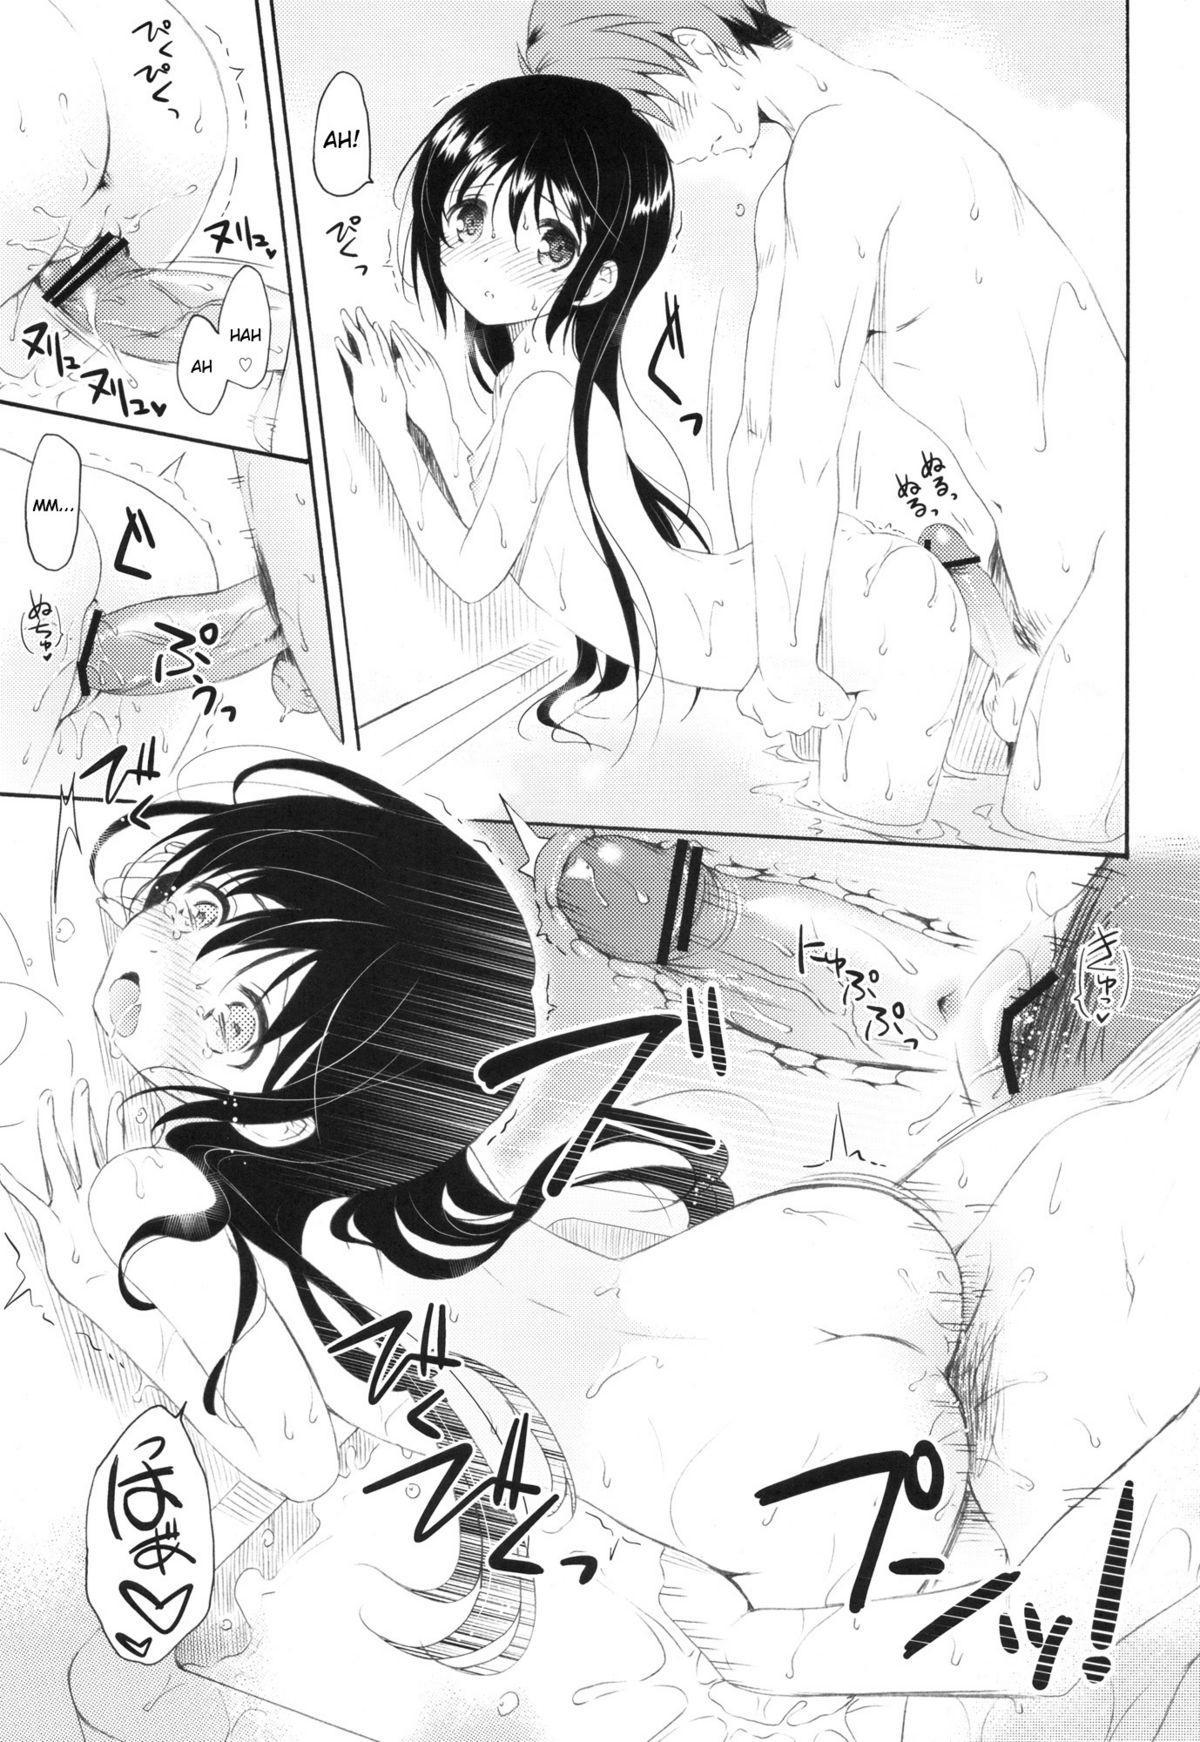 (C82) [Panda ga Ippiki. (Komizu Miko)] Shunka - Watashi to Ani no Natsuyasumi | One Second of Summer - My Brother's and My Summer Vacation [English] [RedBlueGreen] 31